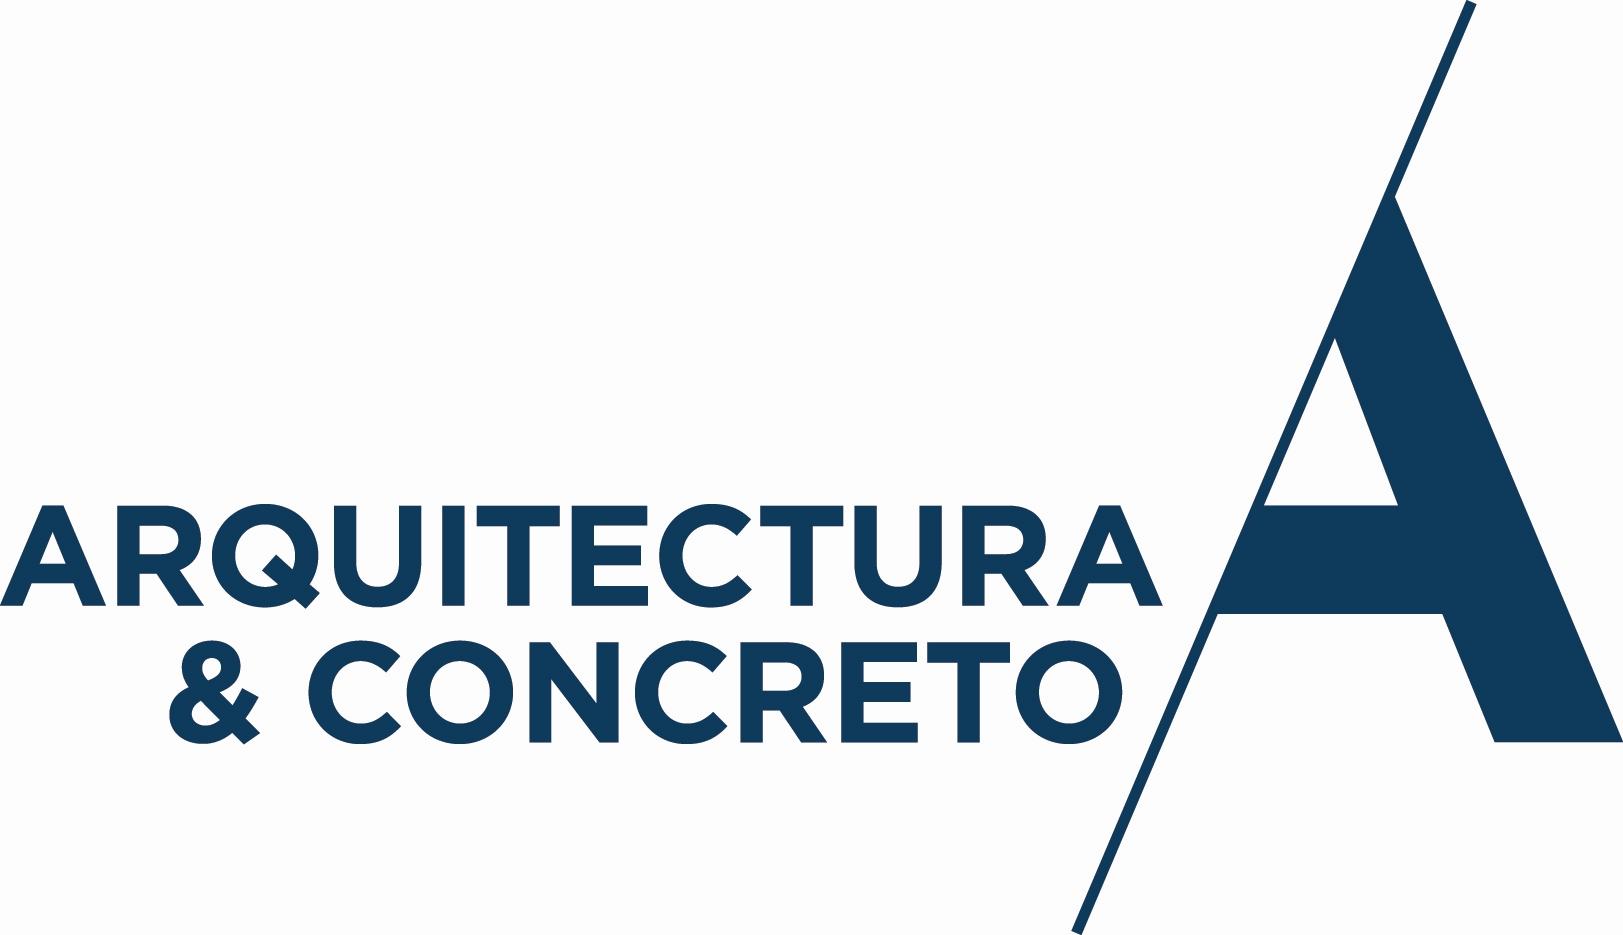 arquitectura y concreto